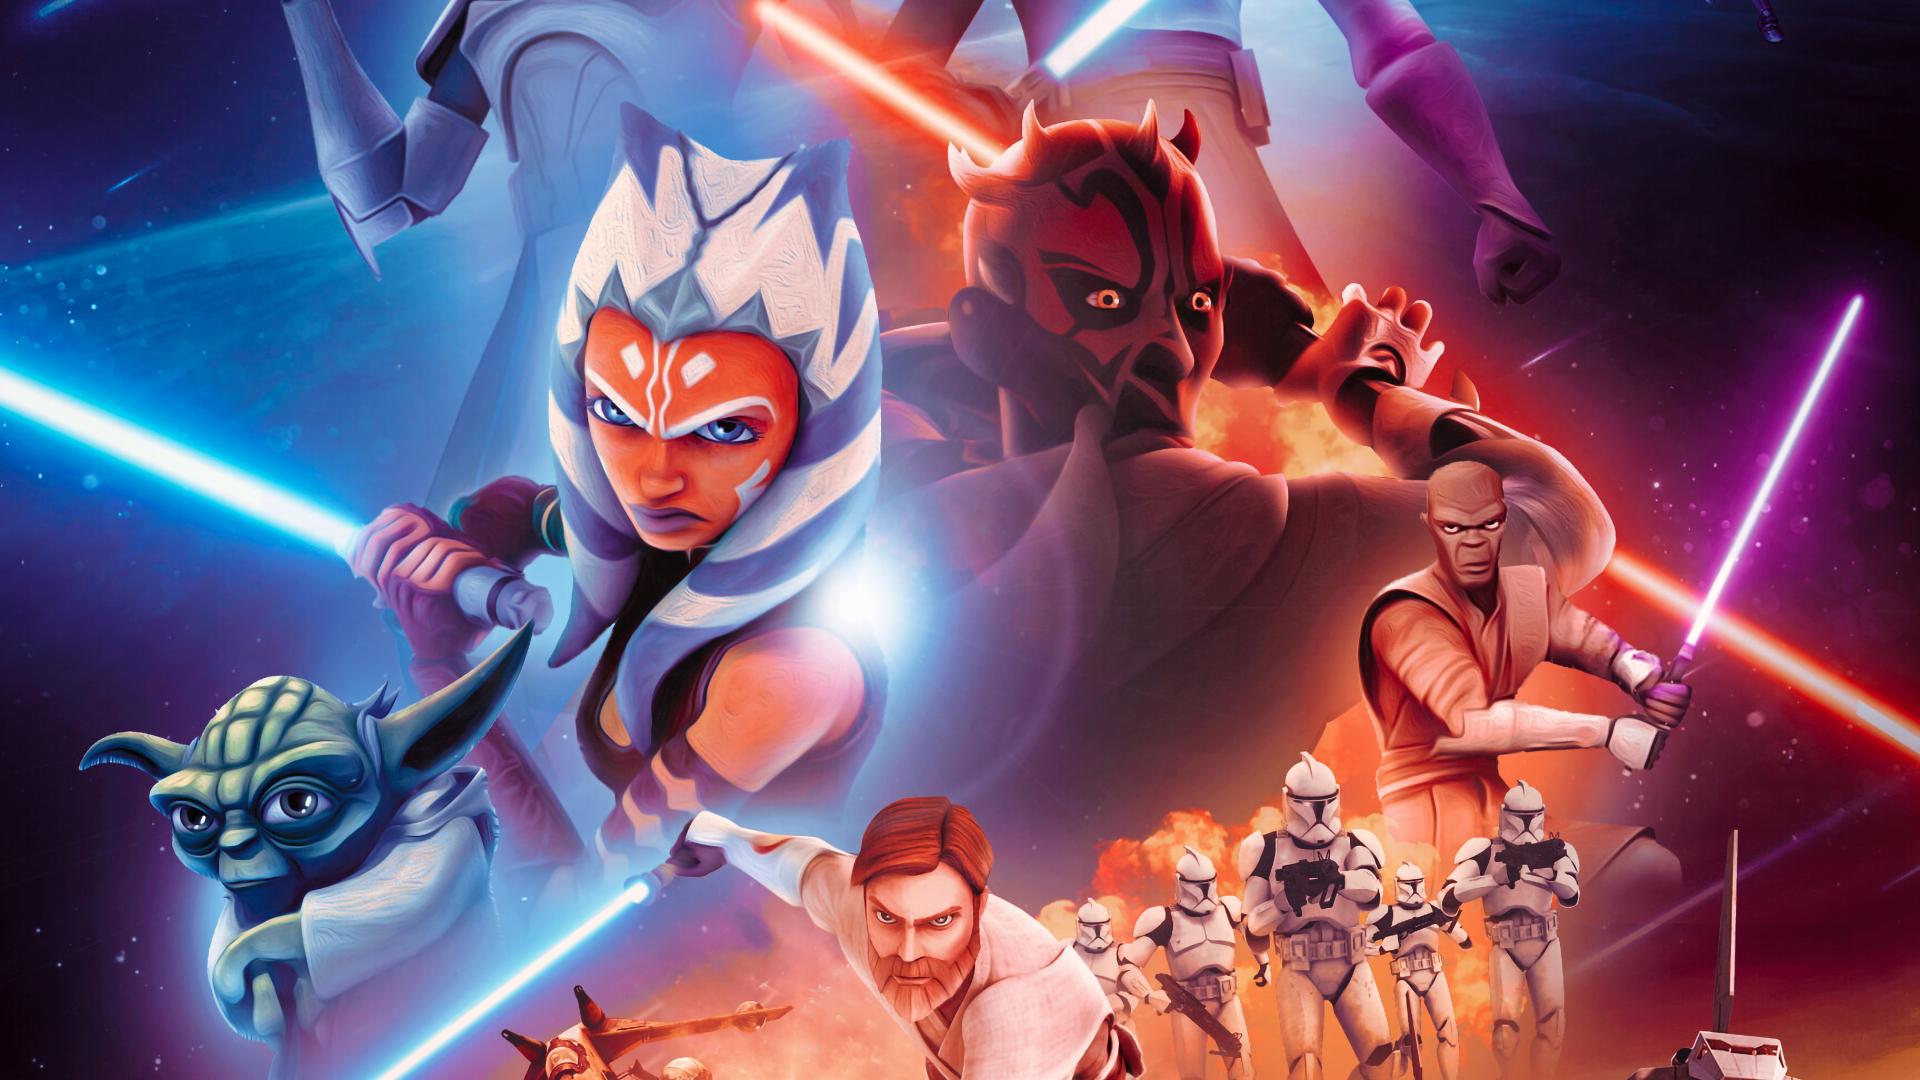 star wars the clone wars 4k a25pZWaUmZqaraWkpJRmbmdlrWZlbWU